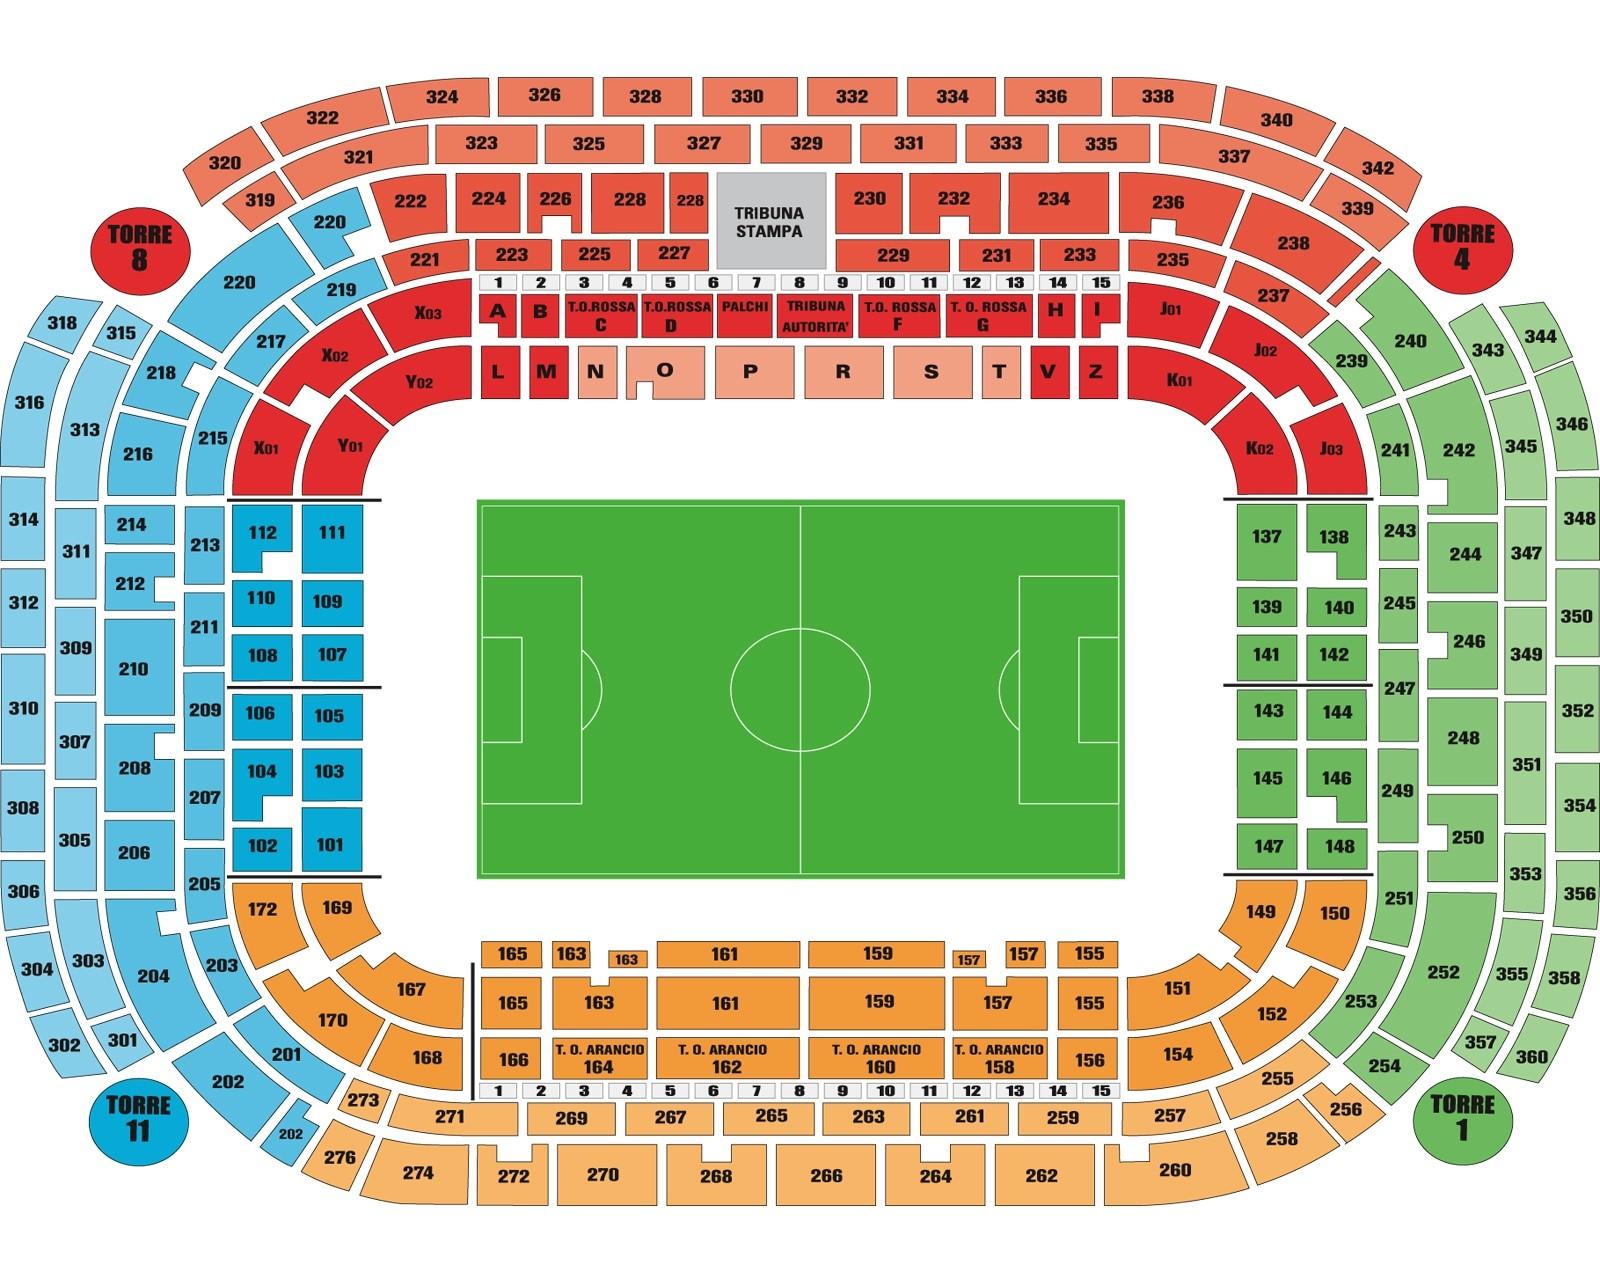 terzo anello stadio san siro milan - photo#36